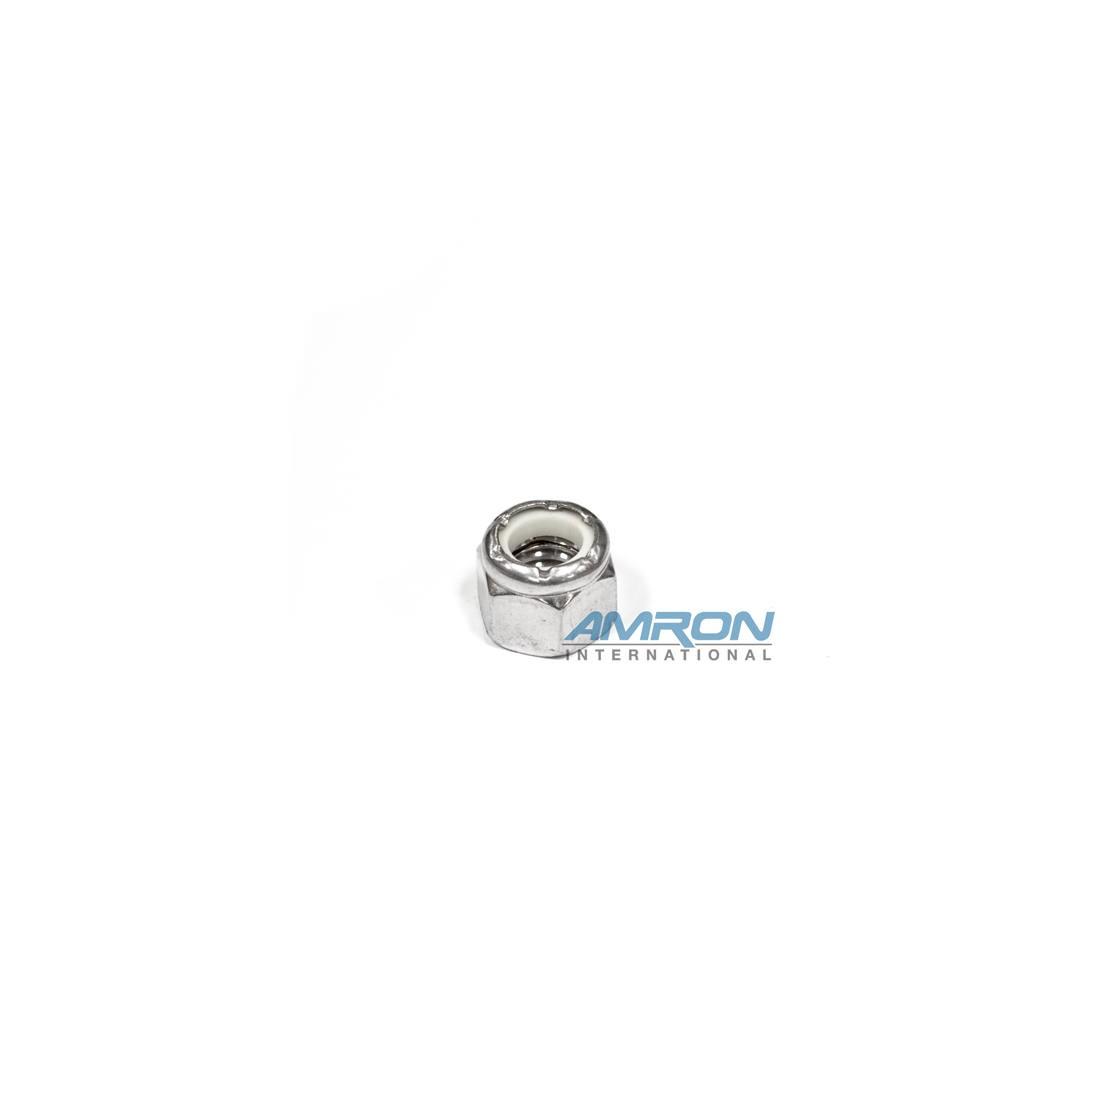 Kirby Morgan 530-028 Lock Nut